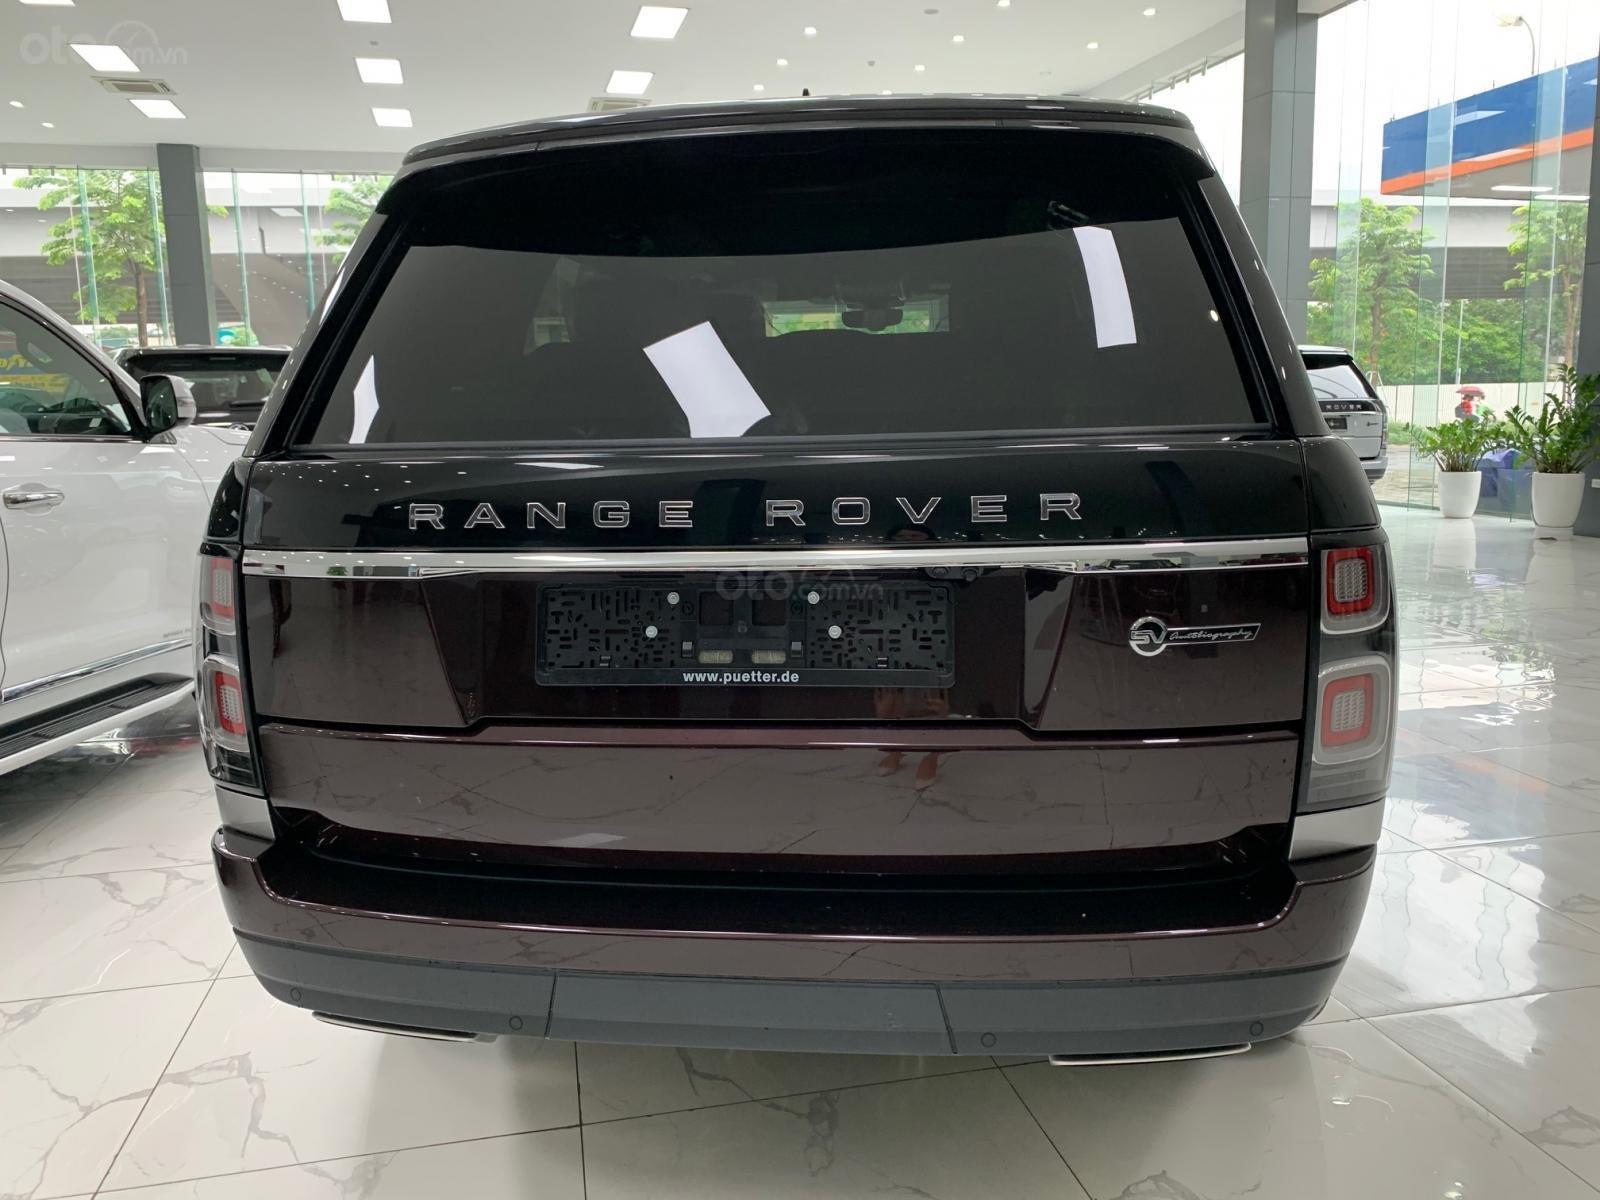 BánRange Rover SV autobiography L 2021, phiên bản cao cấp nhất của Land Rover năm sản xuất 2021 (4)